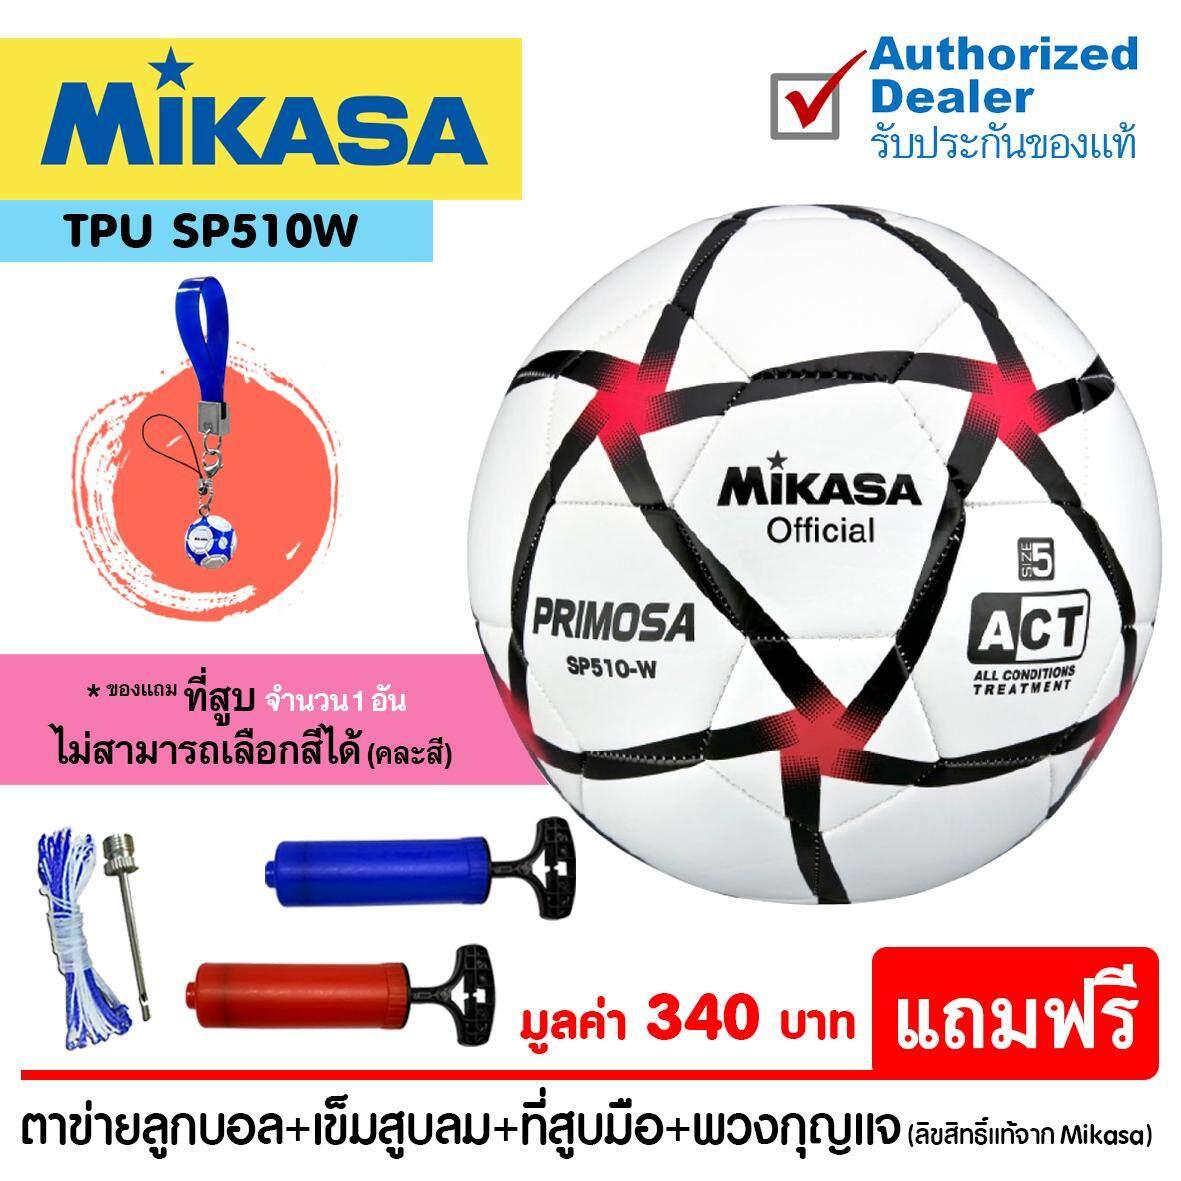 กระบี่ MIKASA ฟุตบอล Football MKS TPU รุ่น SP510W แถมฟรี ตาข่ายใส่ลูกฟุตบอล + เข็มสูบสูบลม + สูบมือ SPL รุ่น SL6 สีชมพู + พวงกุญแจ